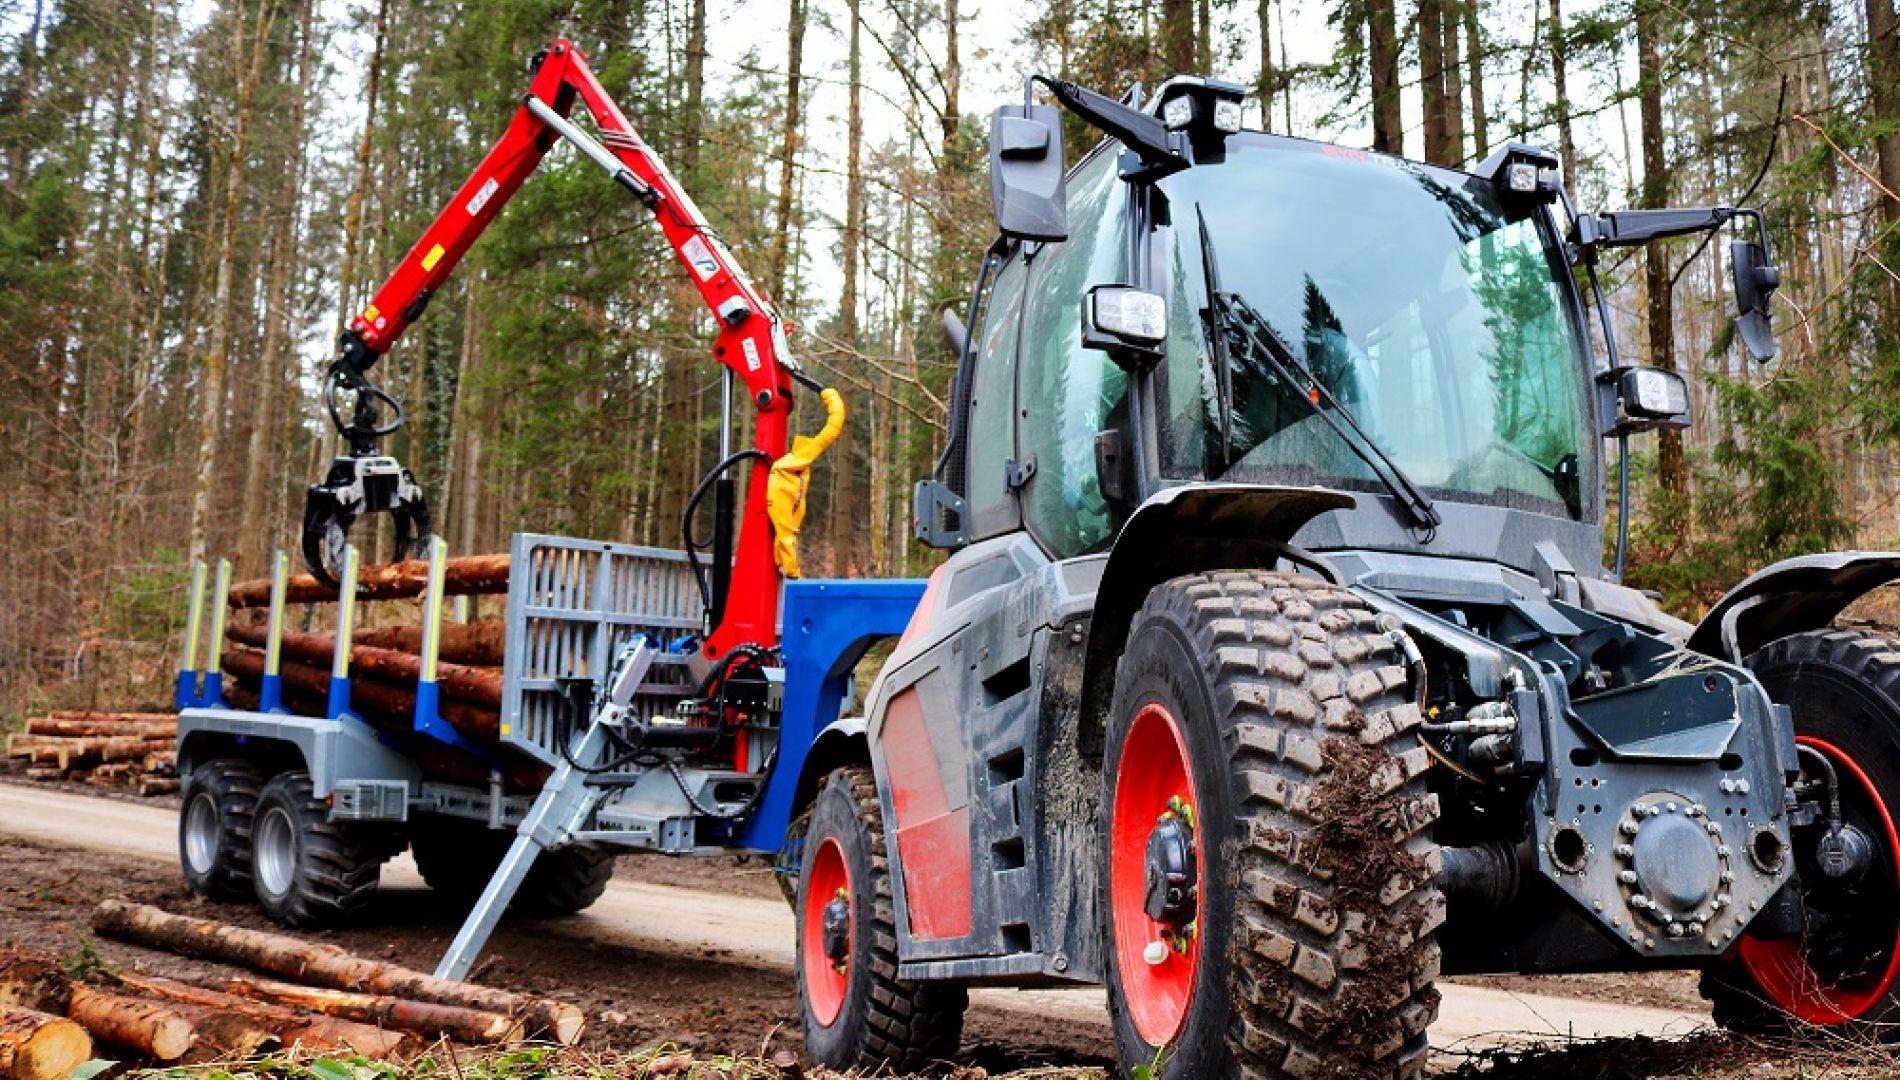 Rückewagen, Forstwirtschaft, SYN TRAC, Traktor, Waldarbeiten, Binderberger